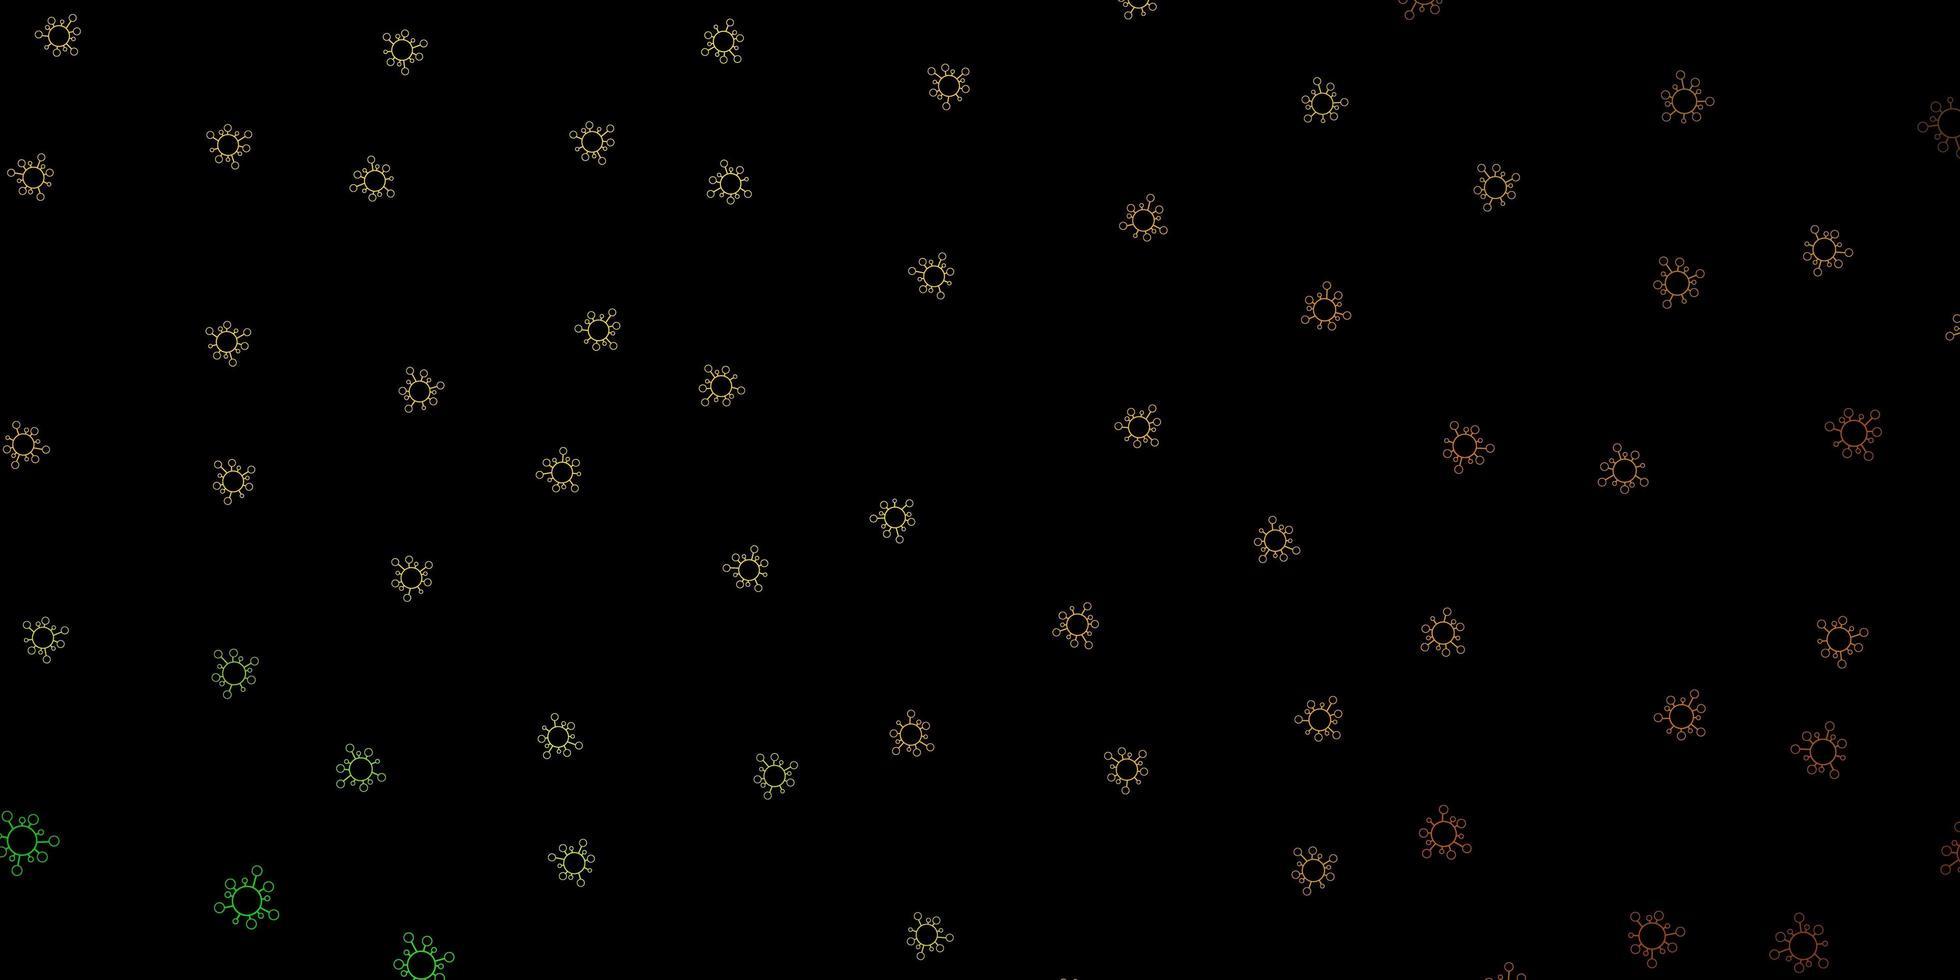 dunkelgrüner, gelber Vektorhintergrund mit Virensymbolen. vektor